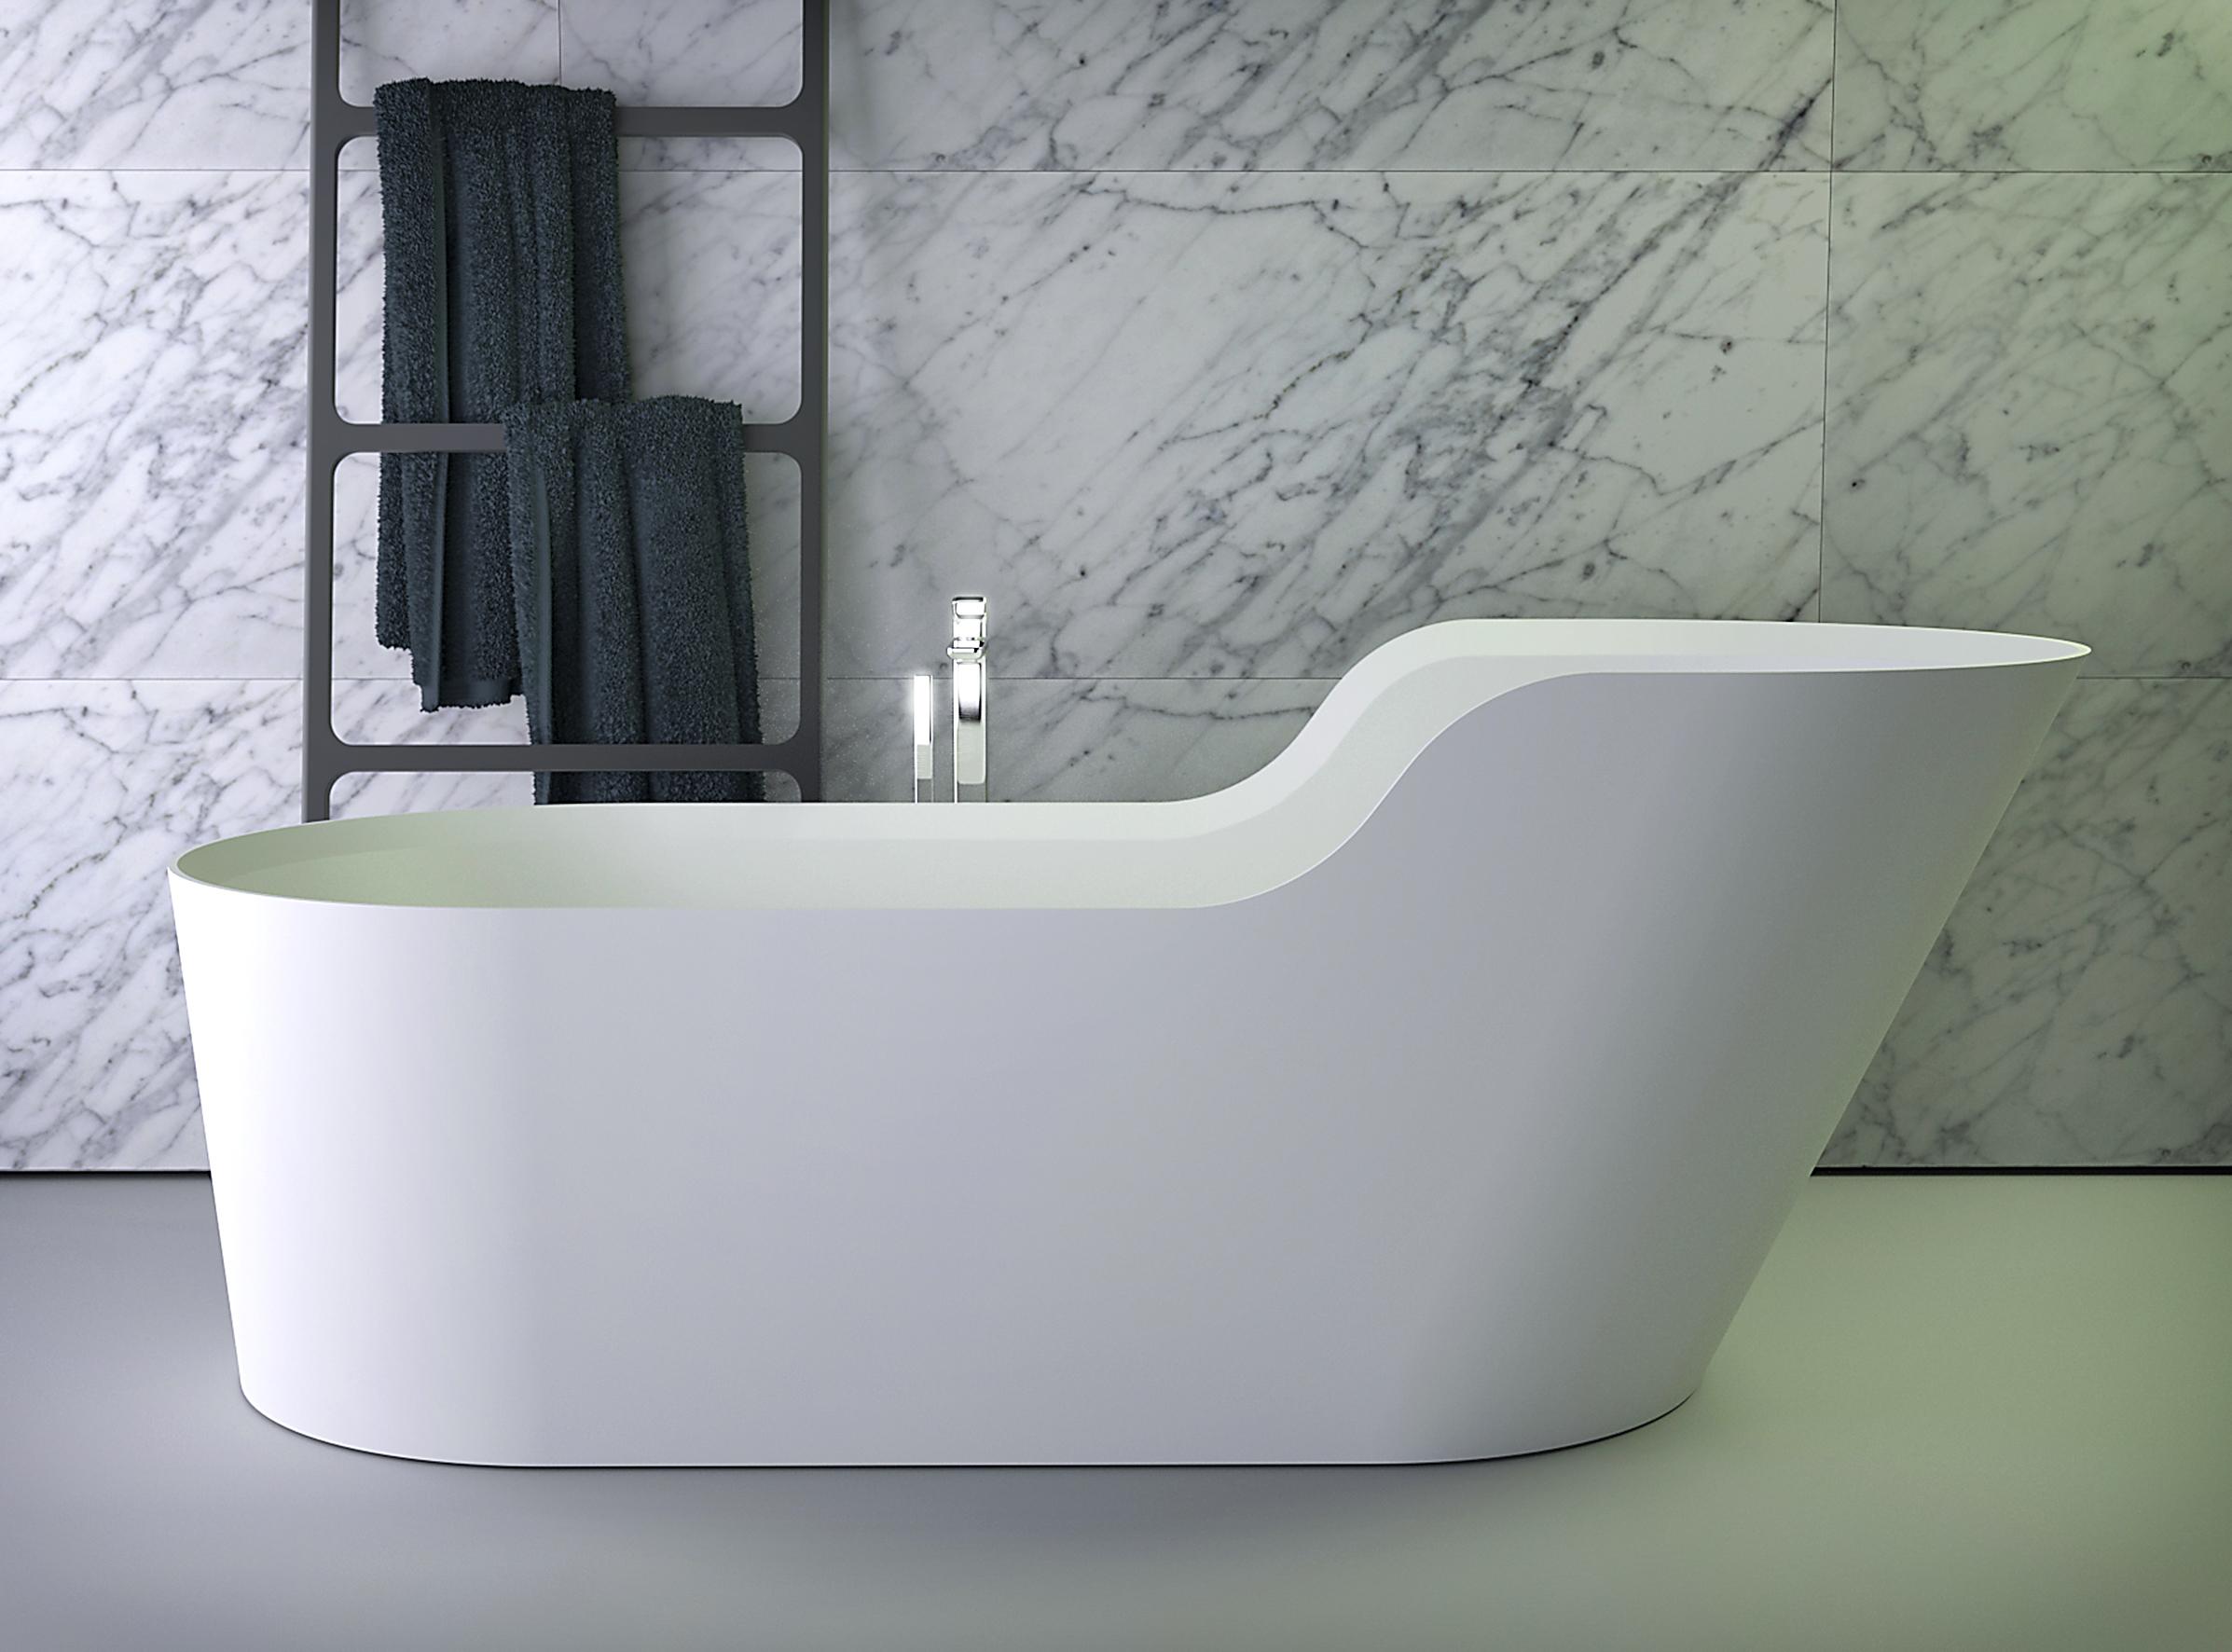 Knief KStone Glow Freestanding Tub